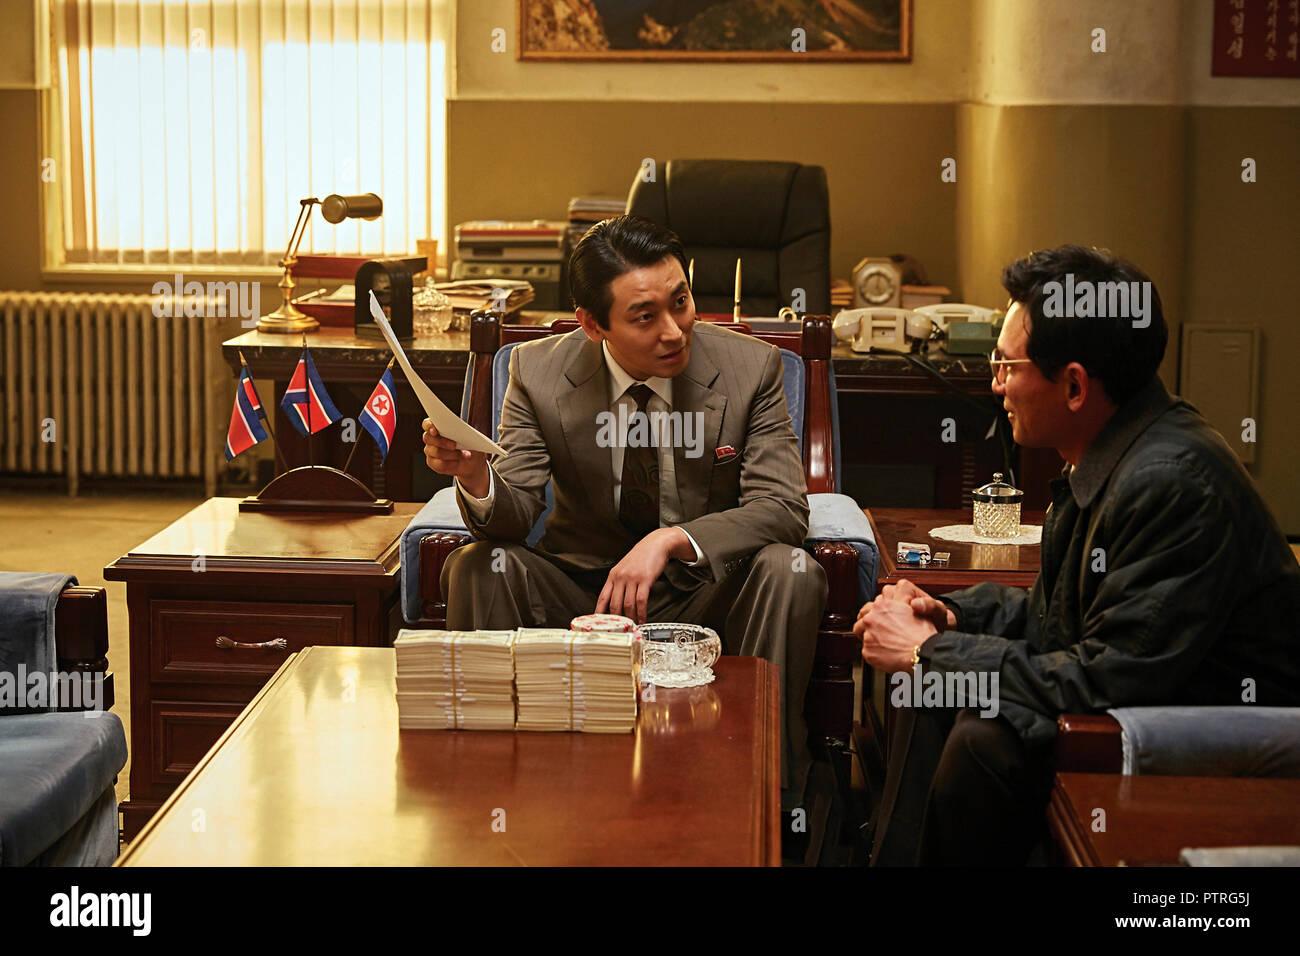 Jung Yoon Stock Photos & Jung Yoon Stock Images - Alamy